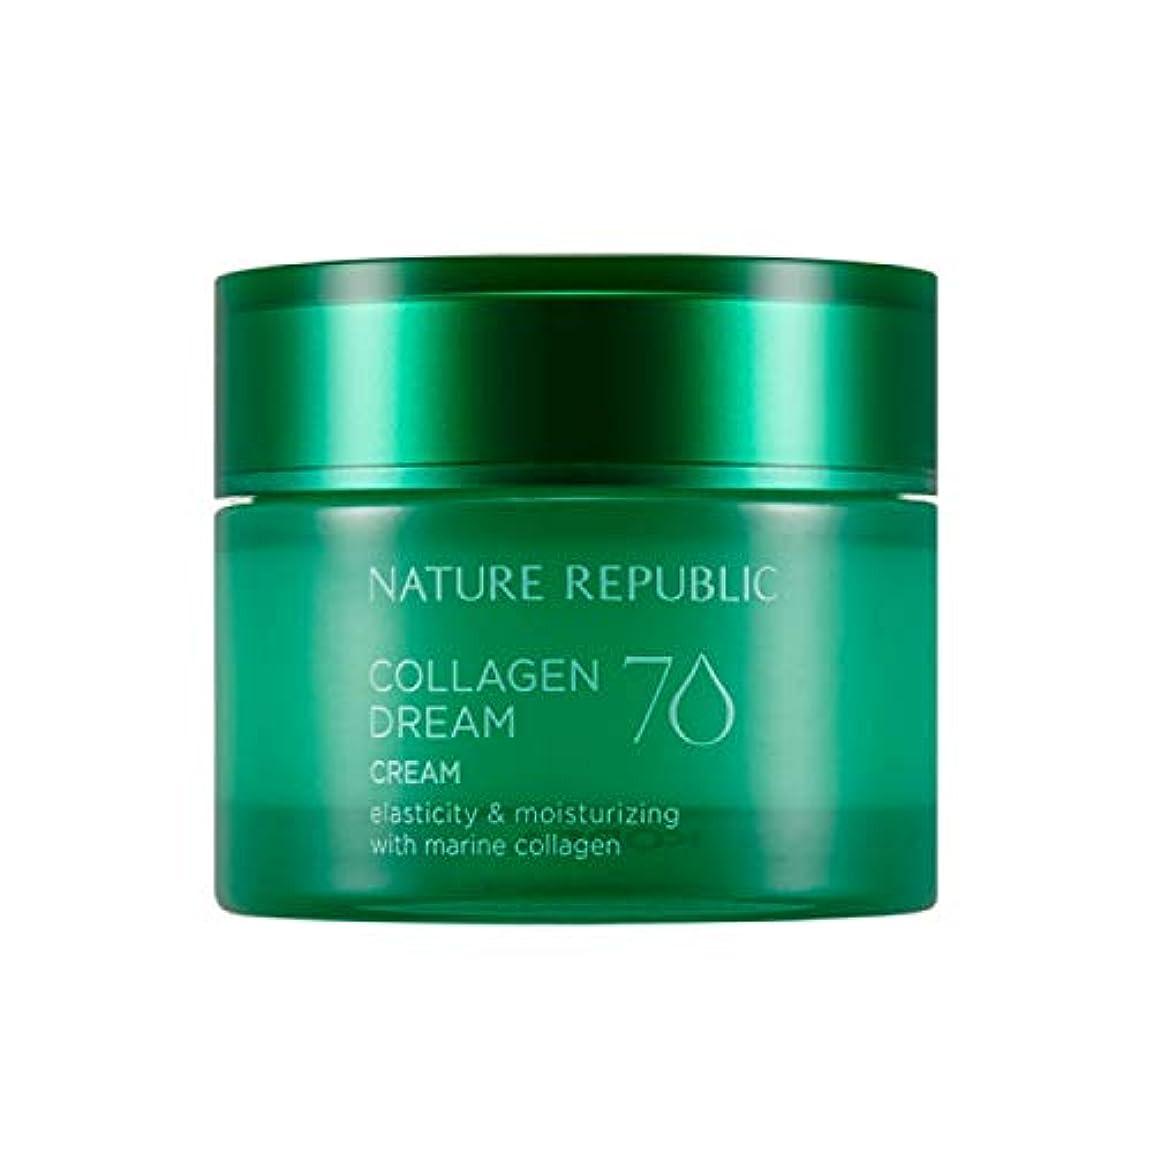 エスカレートエンコミウムカートリッジネイチャーリパブリック(Nature Republic)コラーゲンドリーム70クリーム 50ml / Collagen Dream 70 Cream 50ml :: 韓国コスメ [並行輸入品]